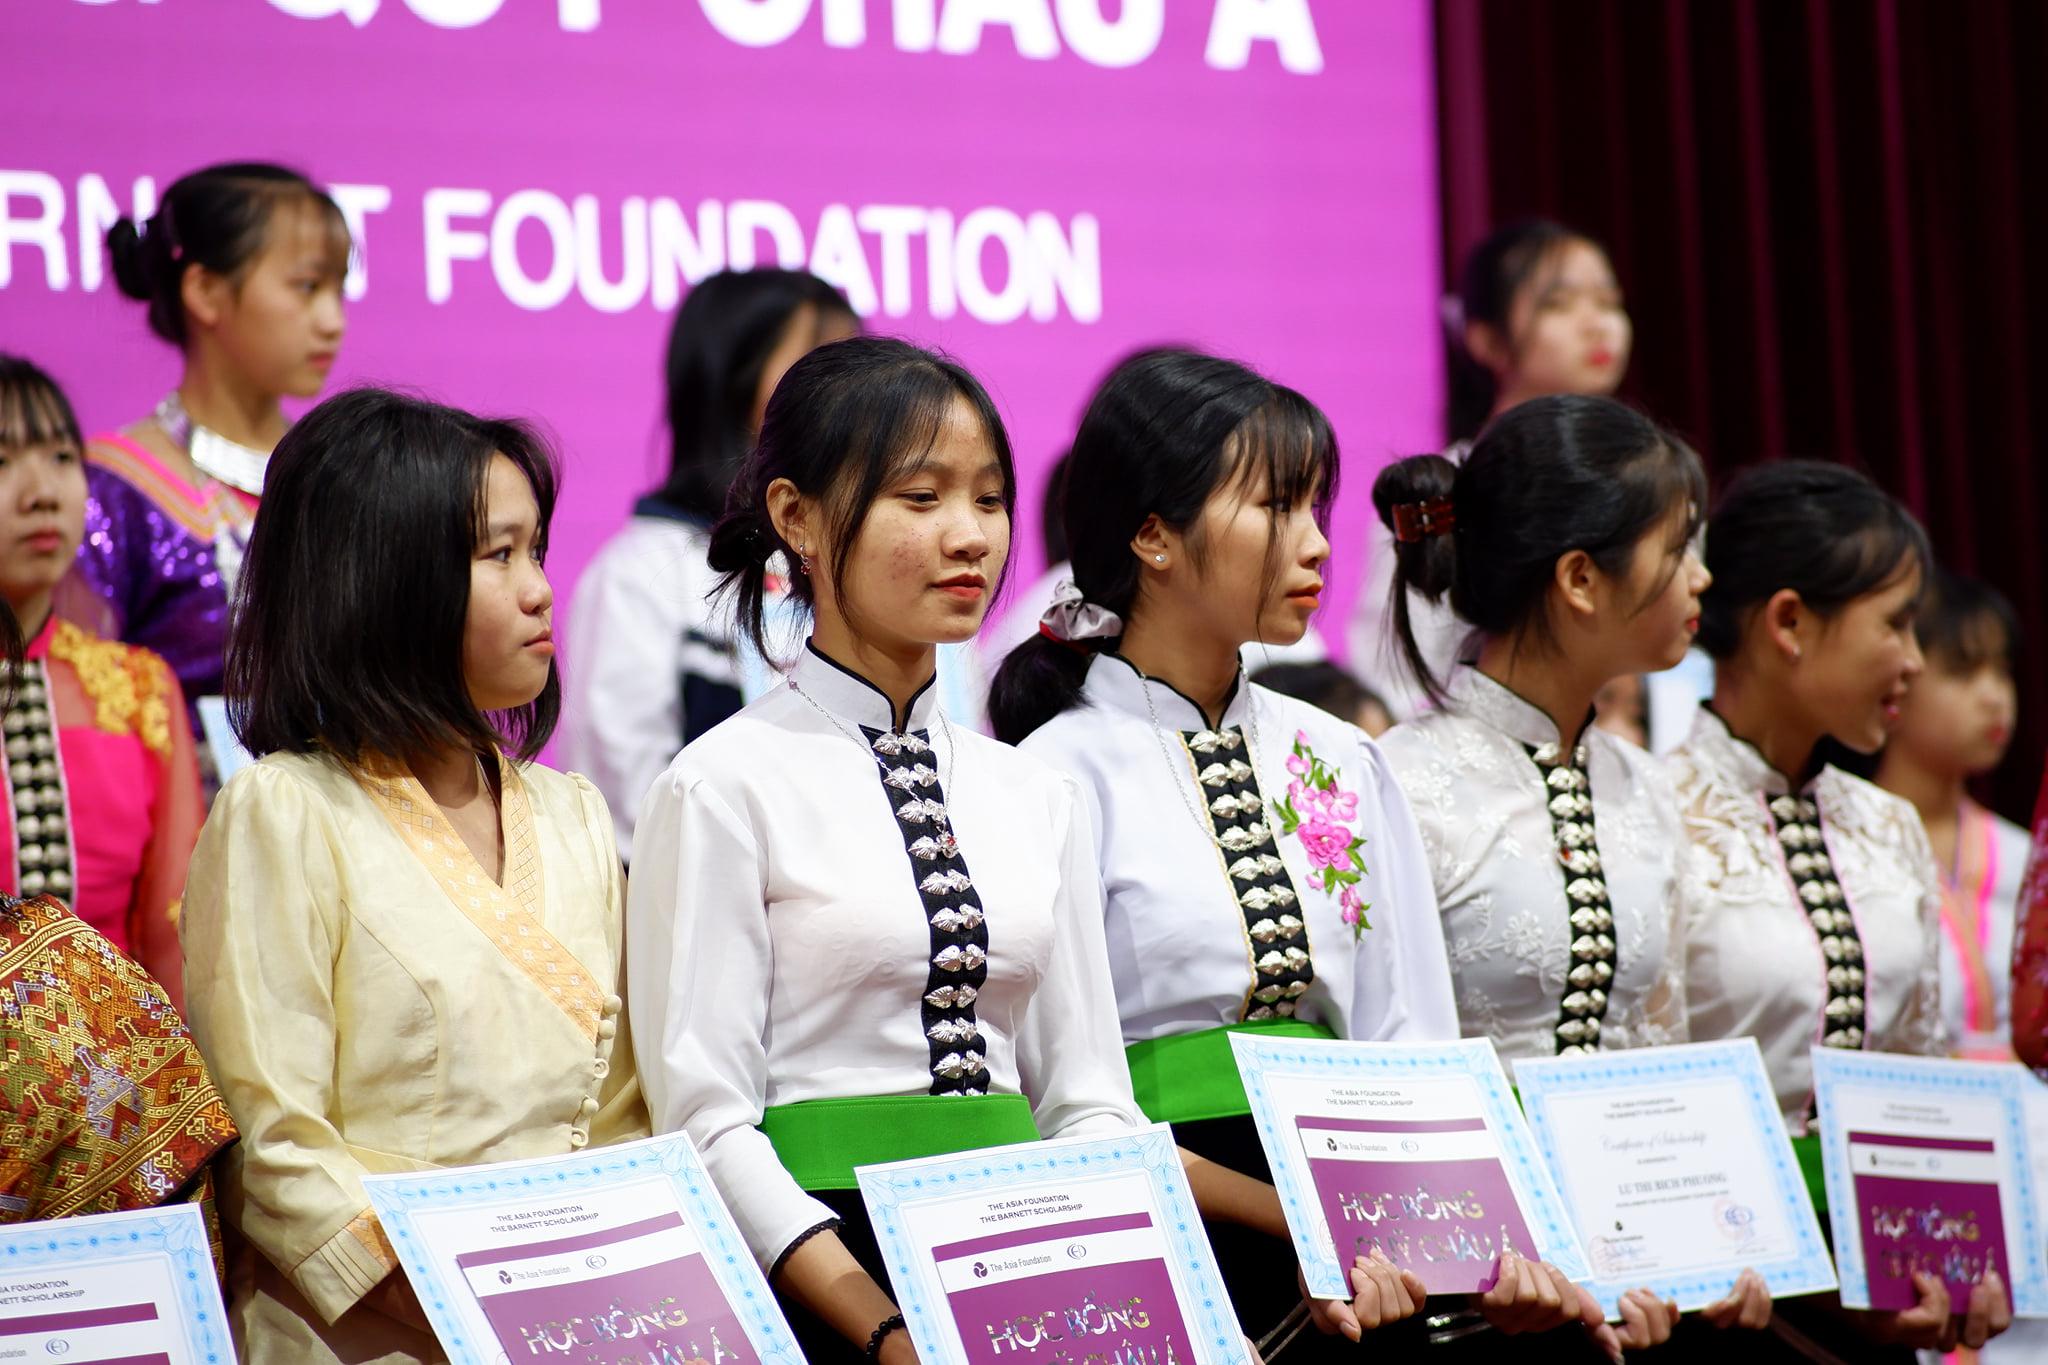 Trao học bổng Quỹ Châu Á, Nguồn Mark & Thuy Foundation cho 100 nữ sinh tại Điện Biên